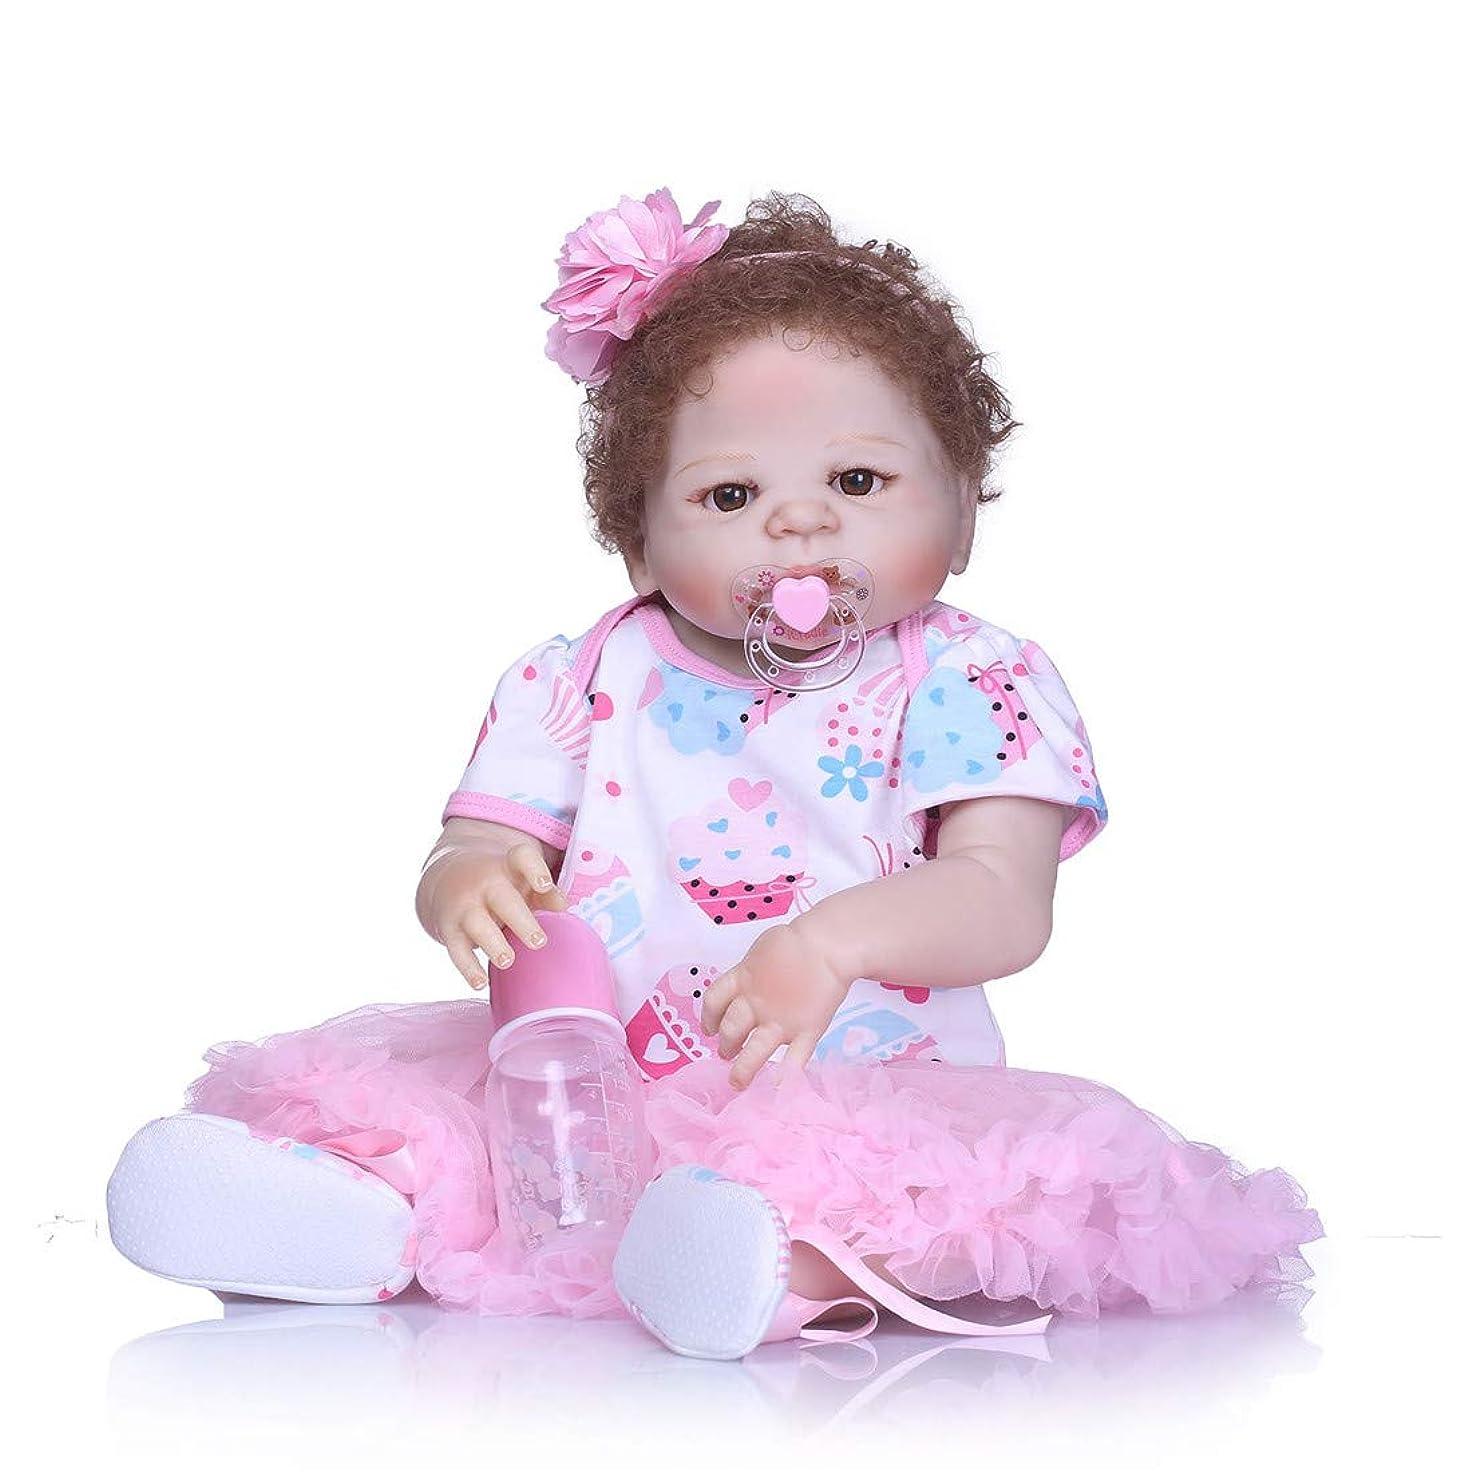 確率ステレオ相談するリアルリボーンベビードール22インチ/ 57センチメートル現実的なルック?ガール人形 - アクリル目と手のアプライド?アイまつげを使用して設計 - 子供のための大きい